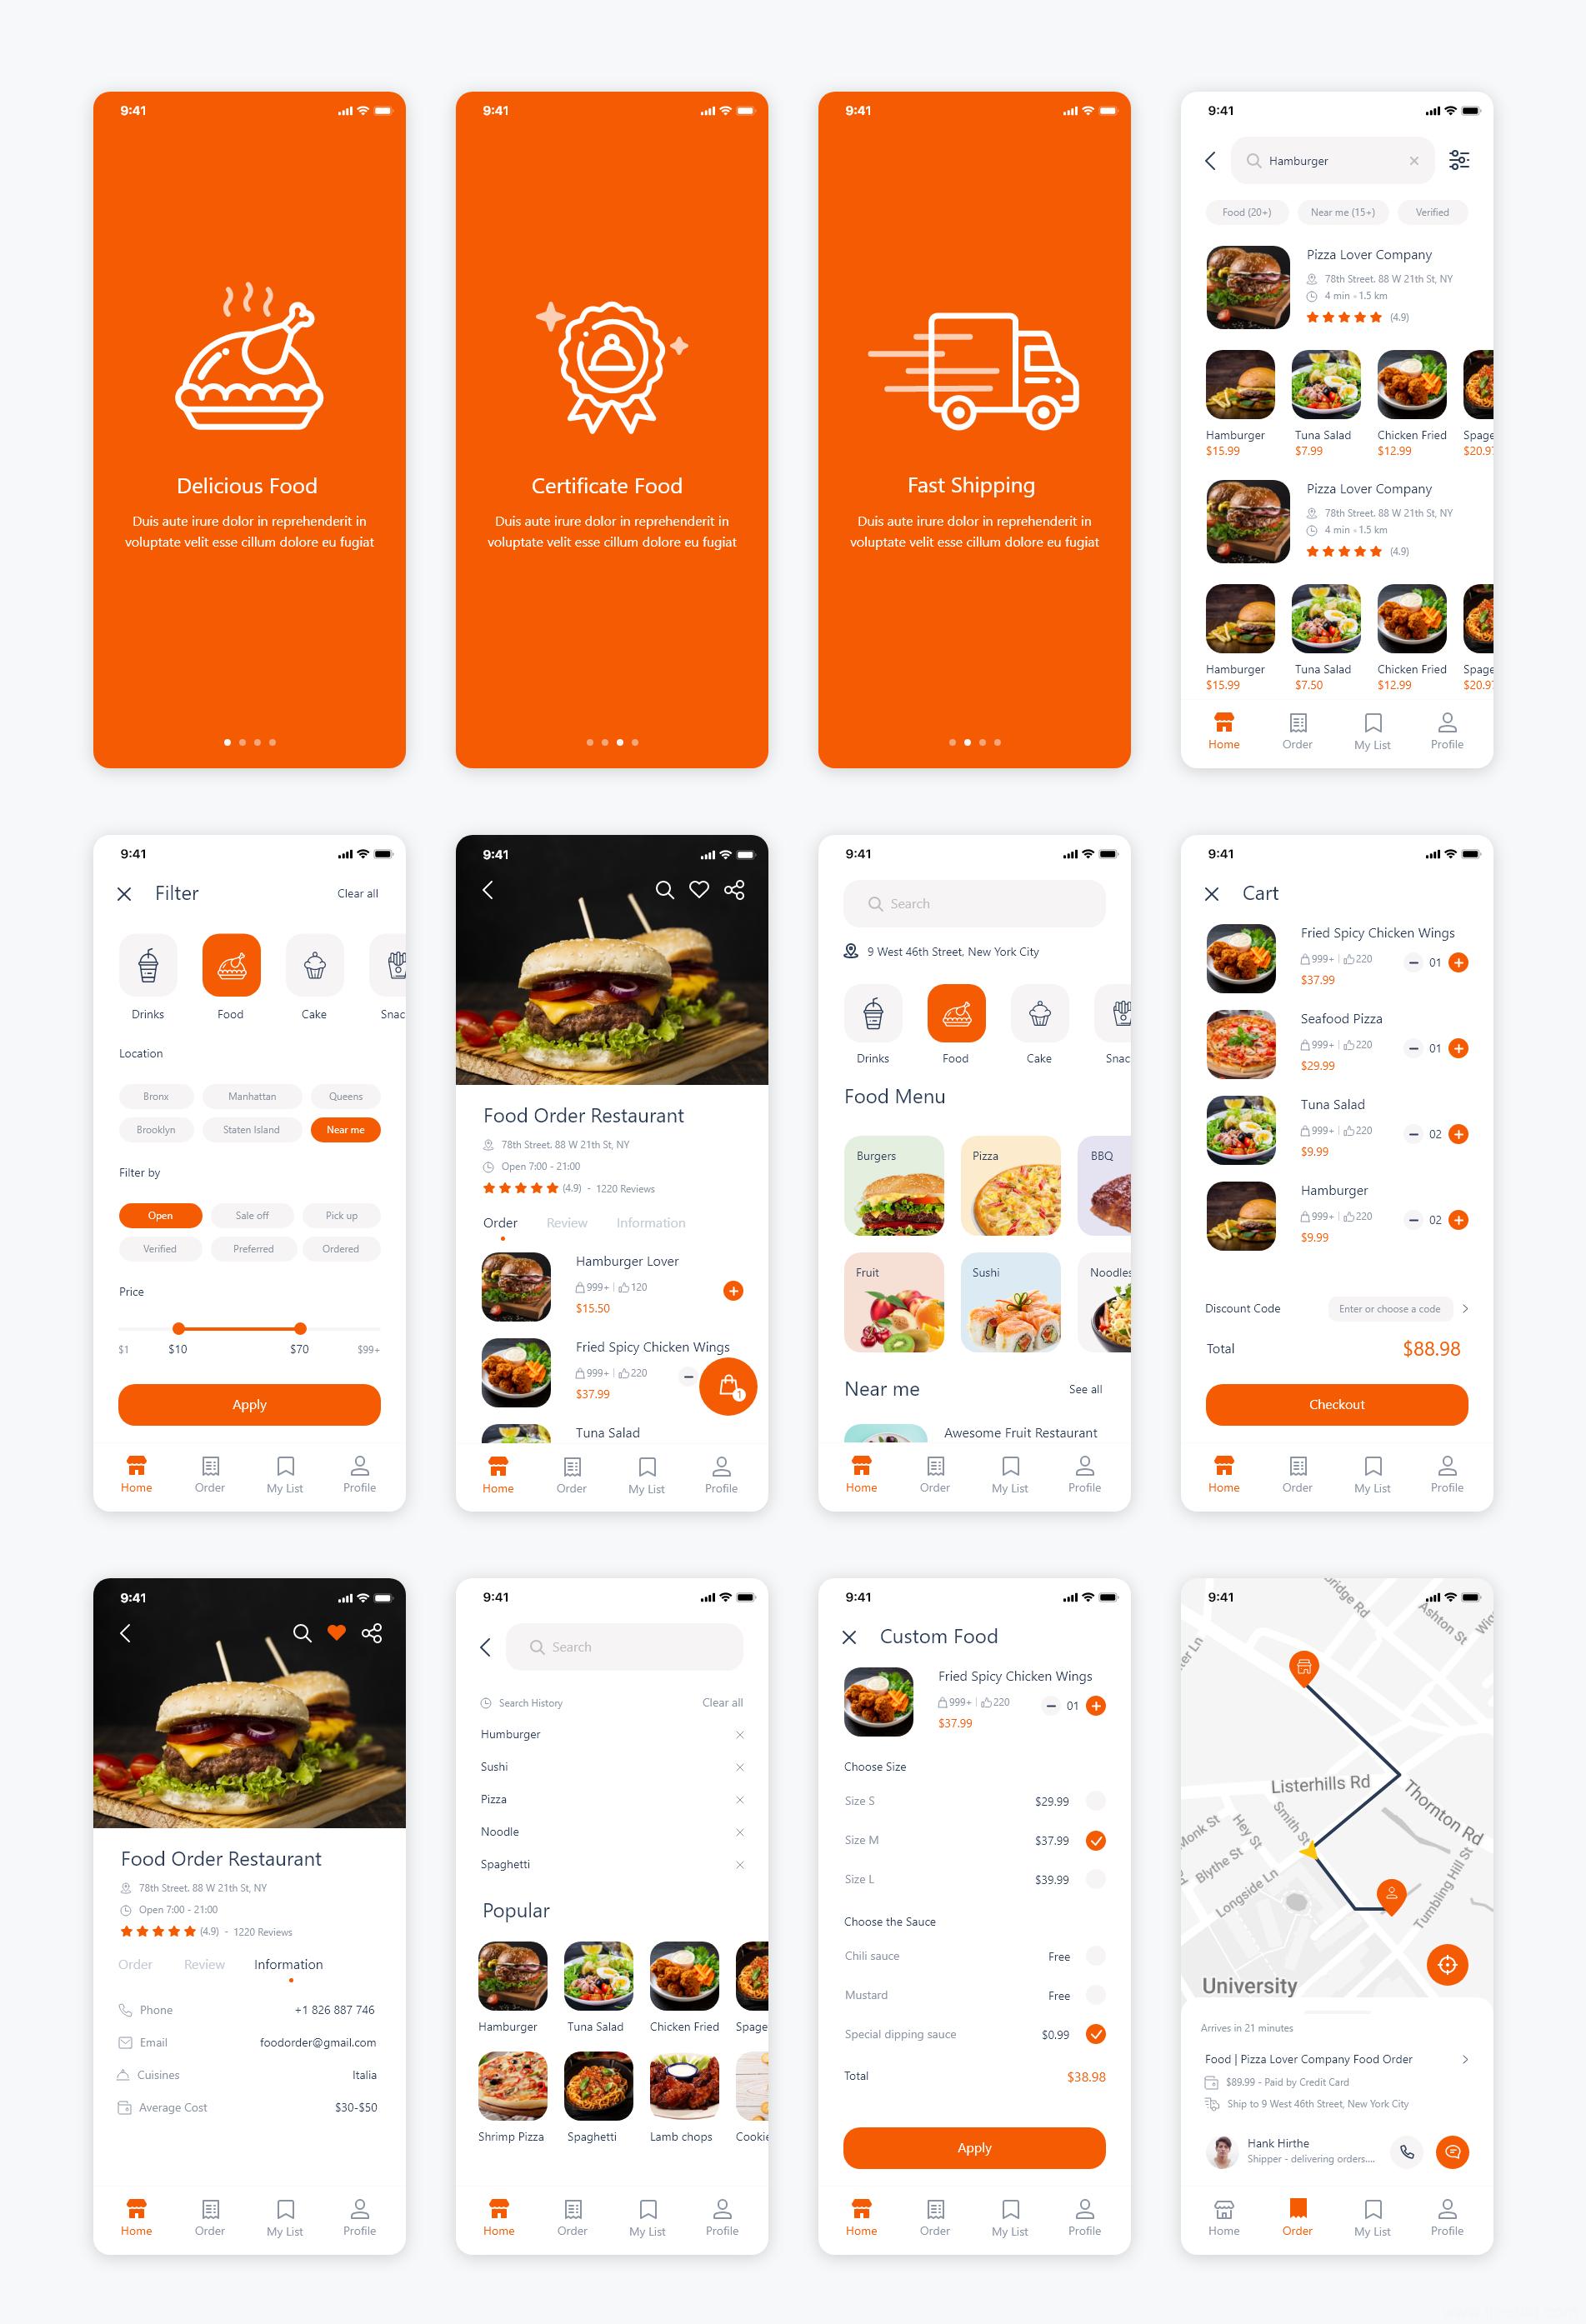 最新美食外卖APP UI源文件下载,美食外卖UI素材下载,美食外卖xd、sketch、figma源文件下载